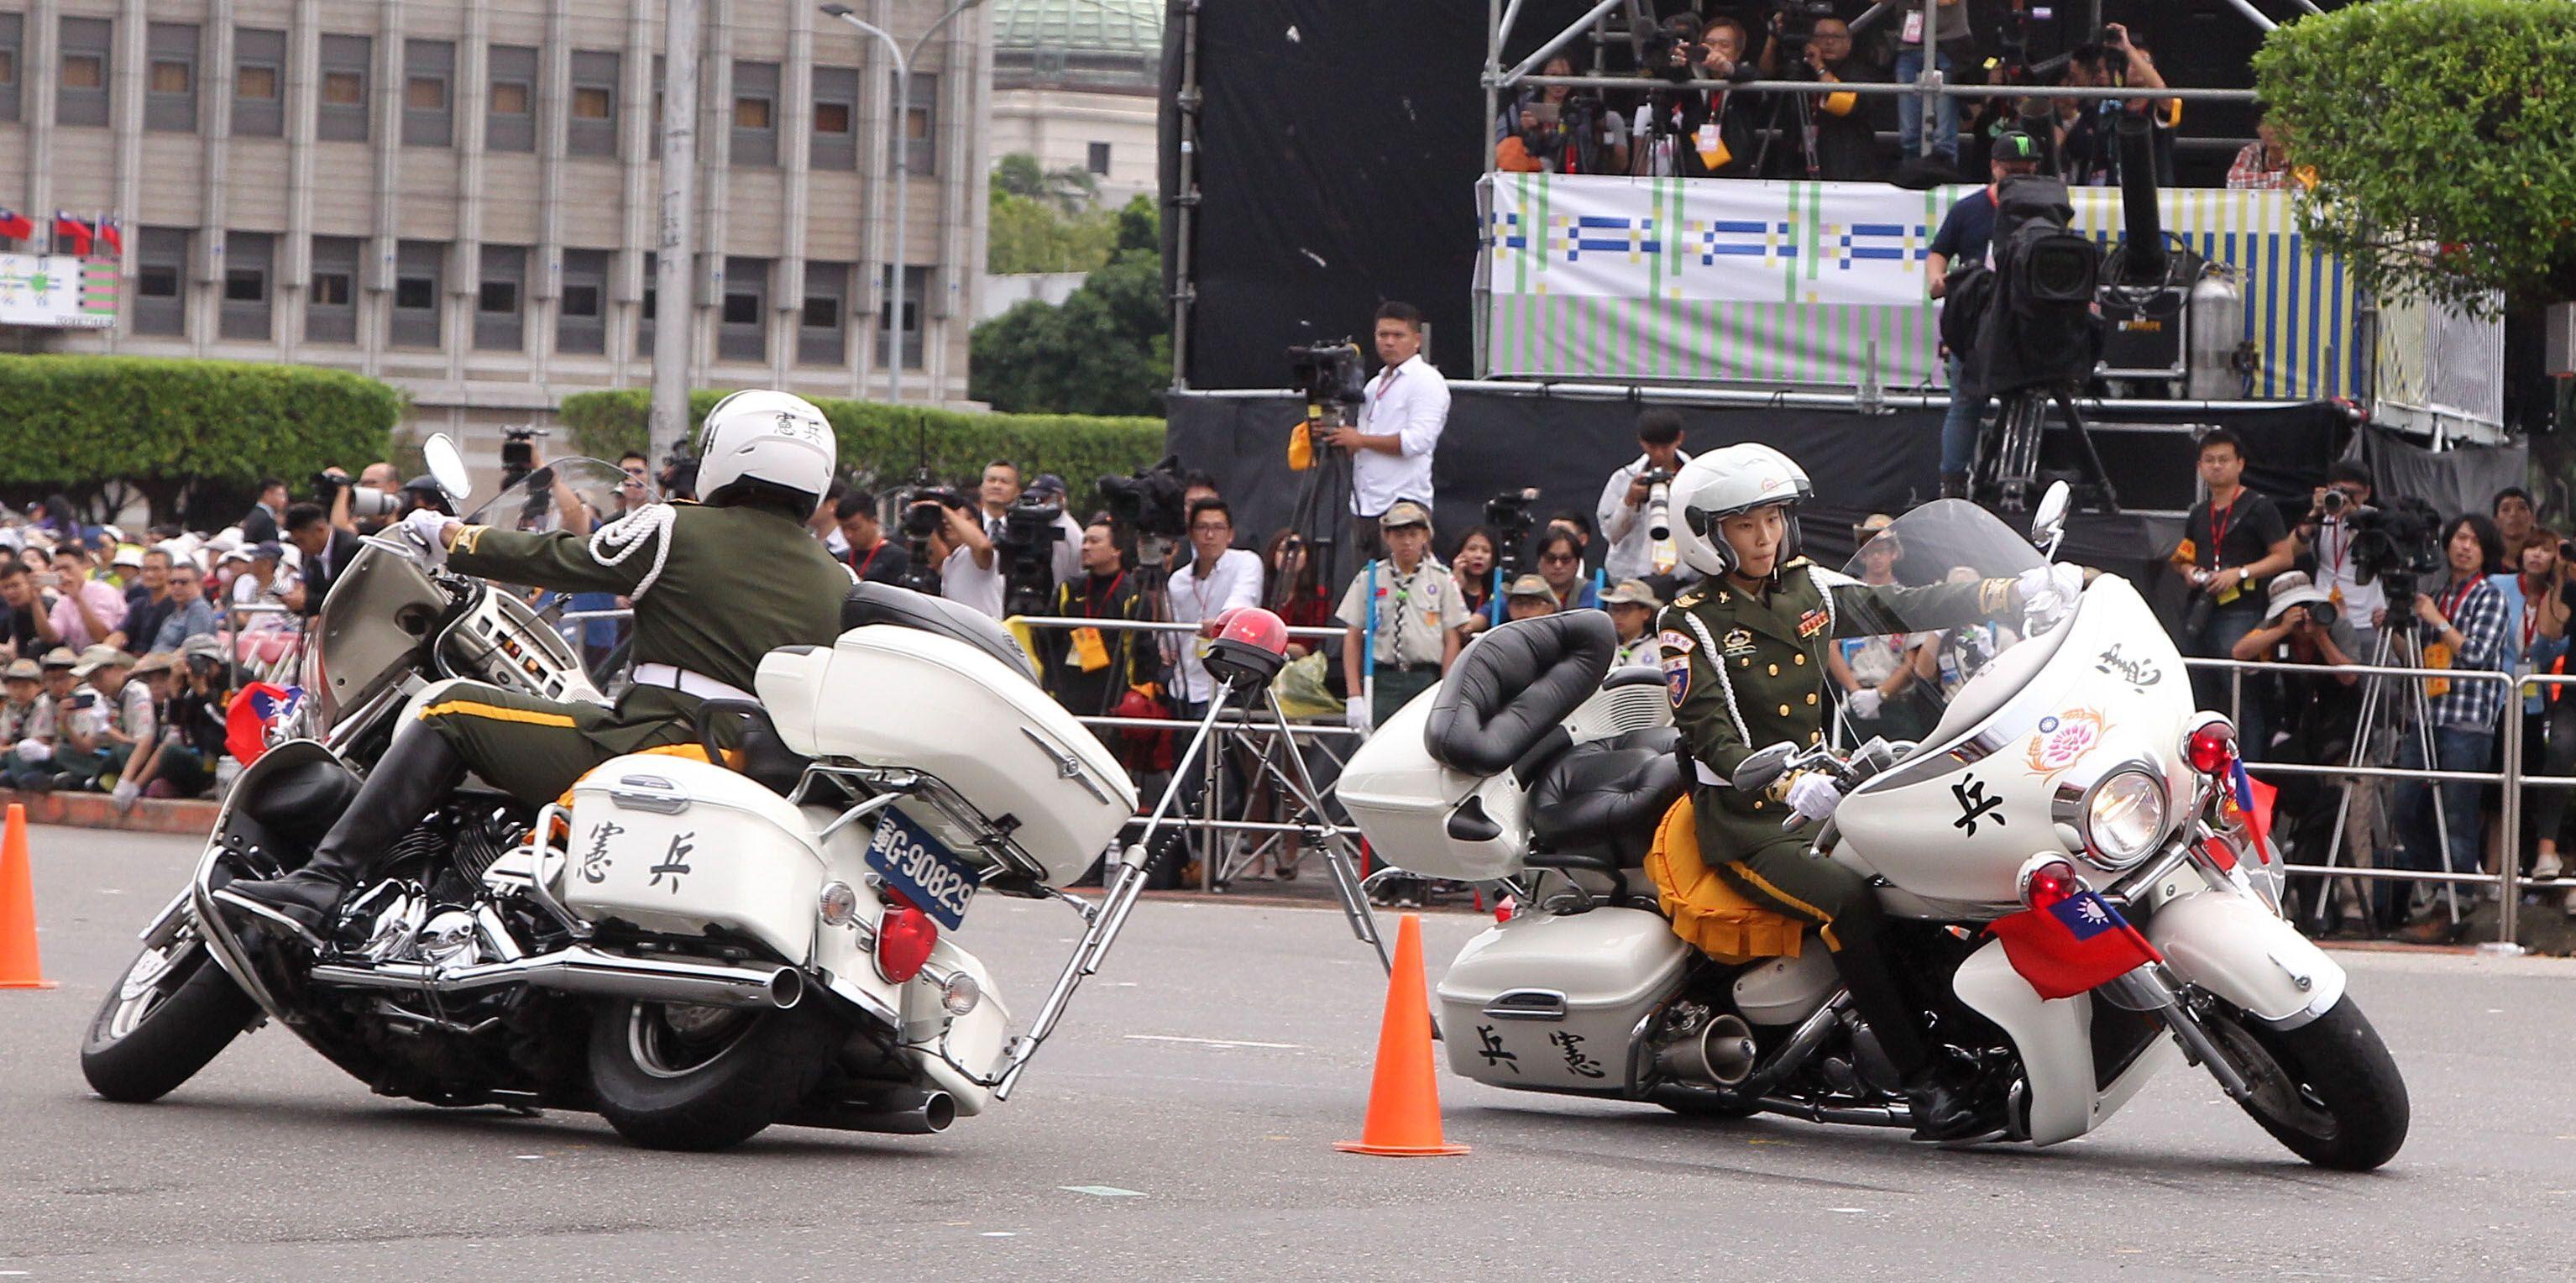 中華民國中樞暨各界慶祝107年國慶大會,憲兵快速反應連花式機車表演。(記者邱榮吉/攝影)